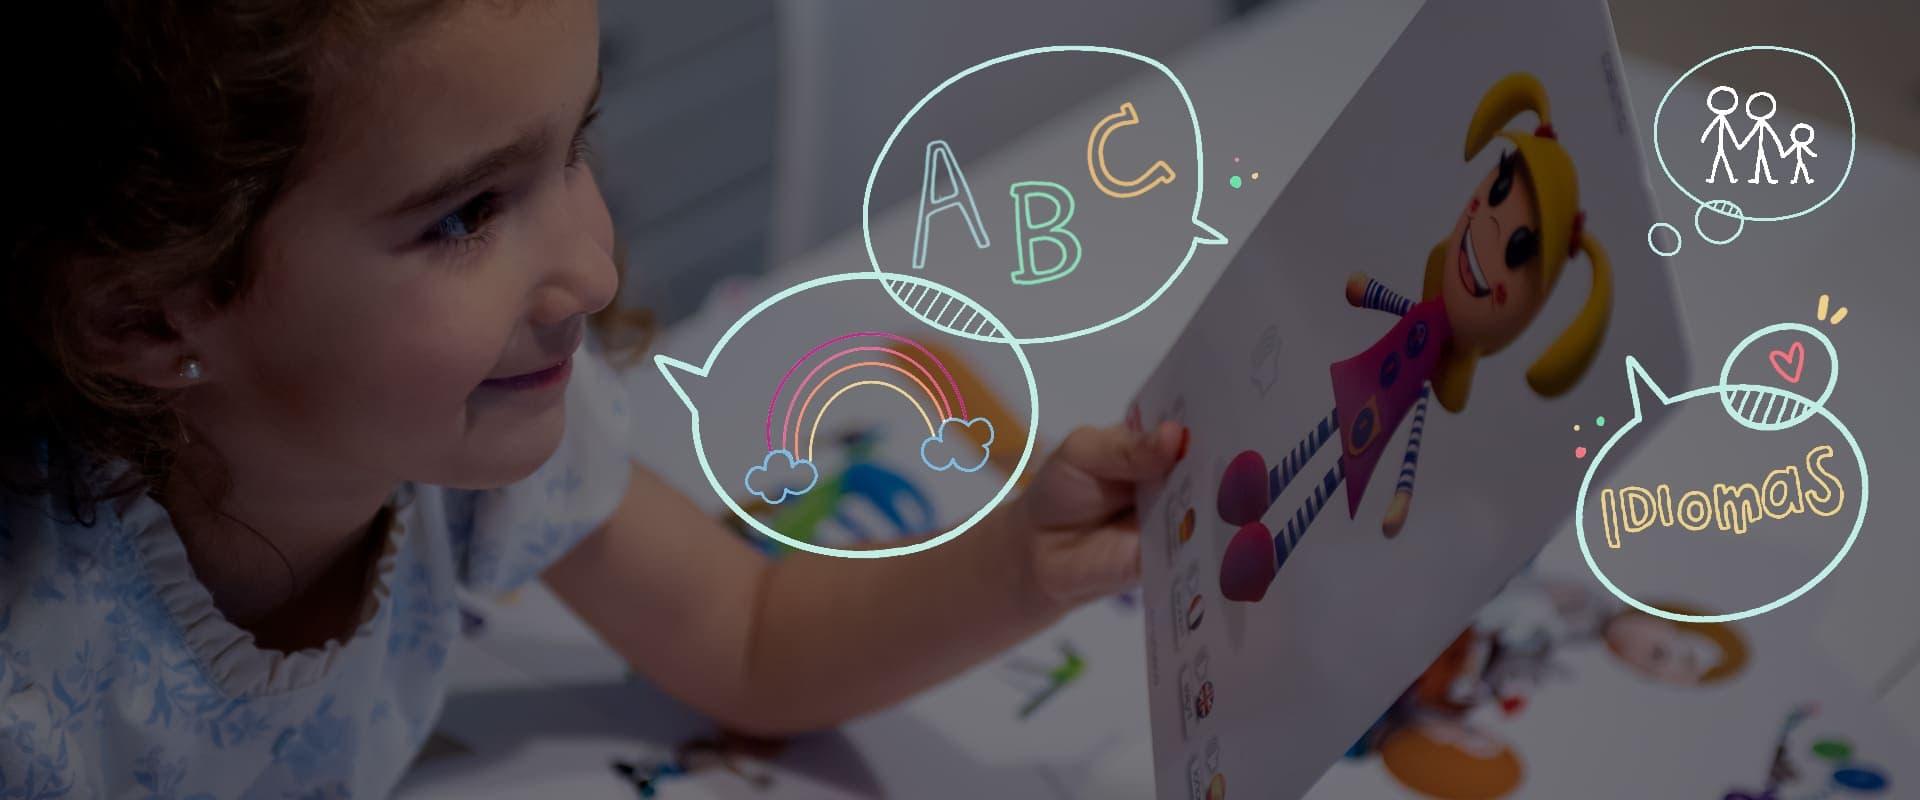 Enseñanza de idiomas para niños y niñas de 0 y 7 años